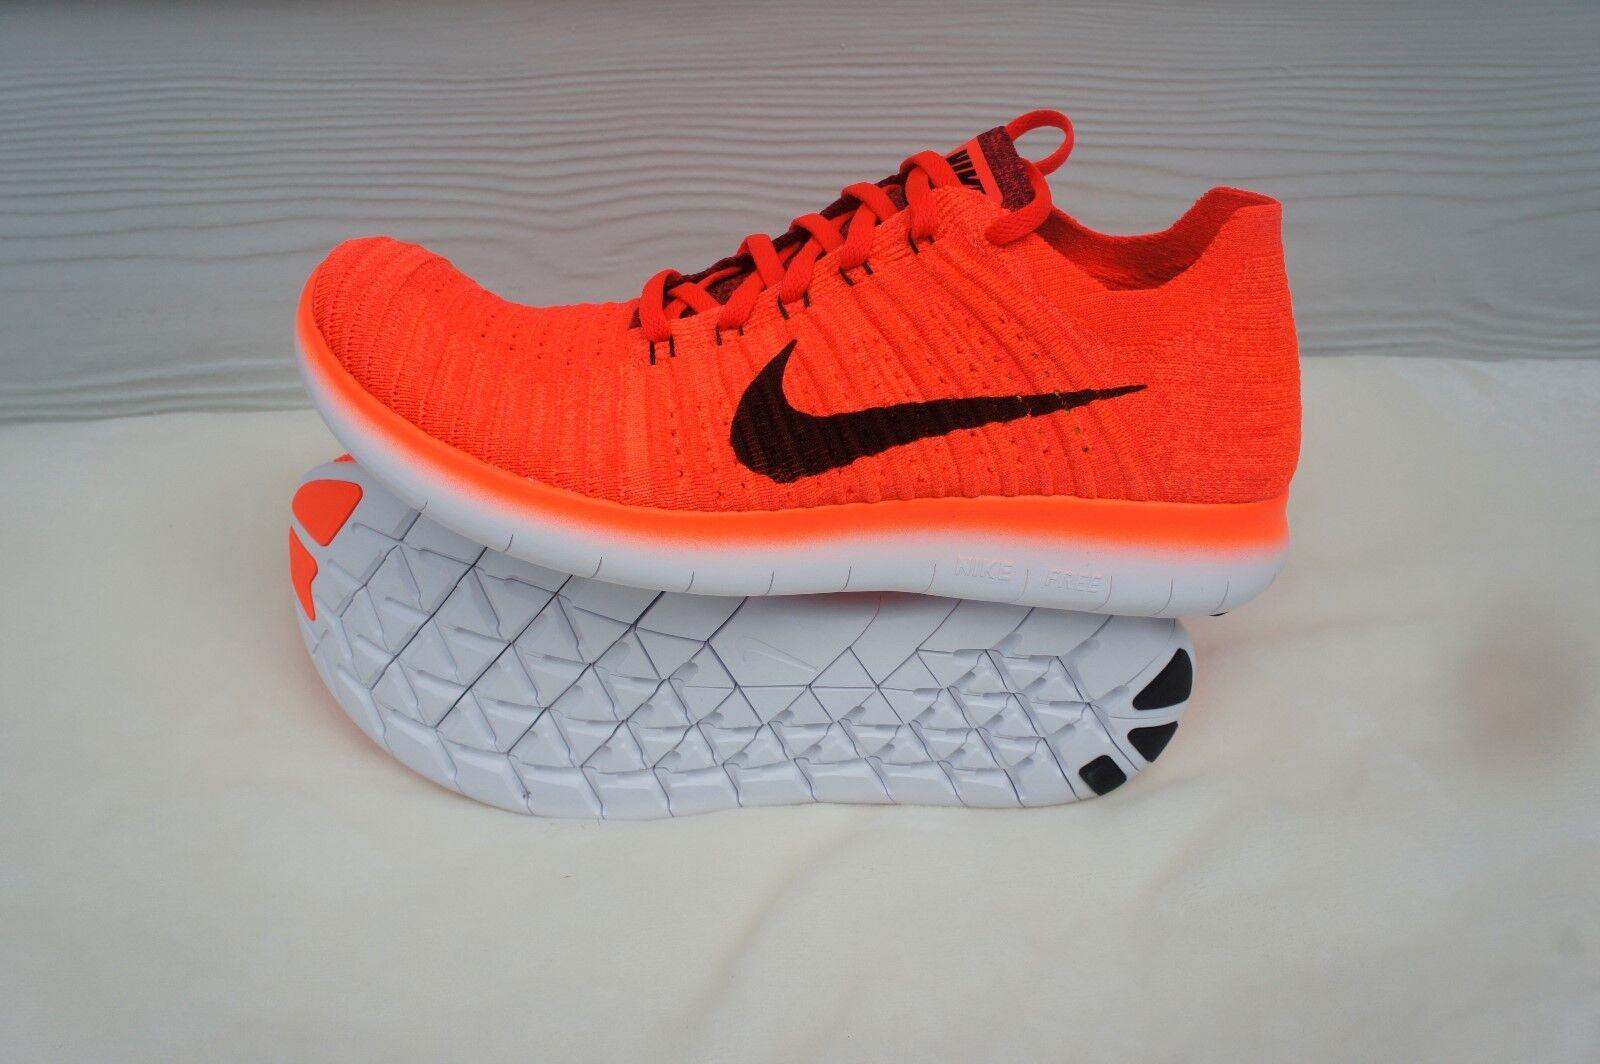 New Nike MENS FREE RN FLYKNIT SZ 10.5